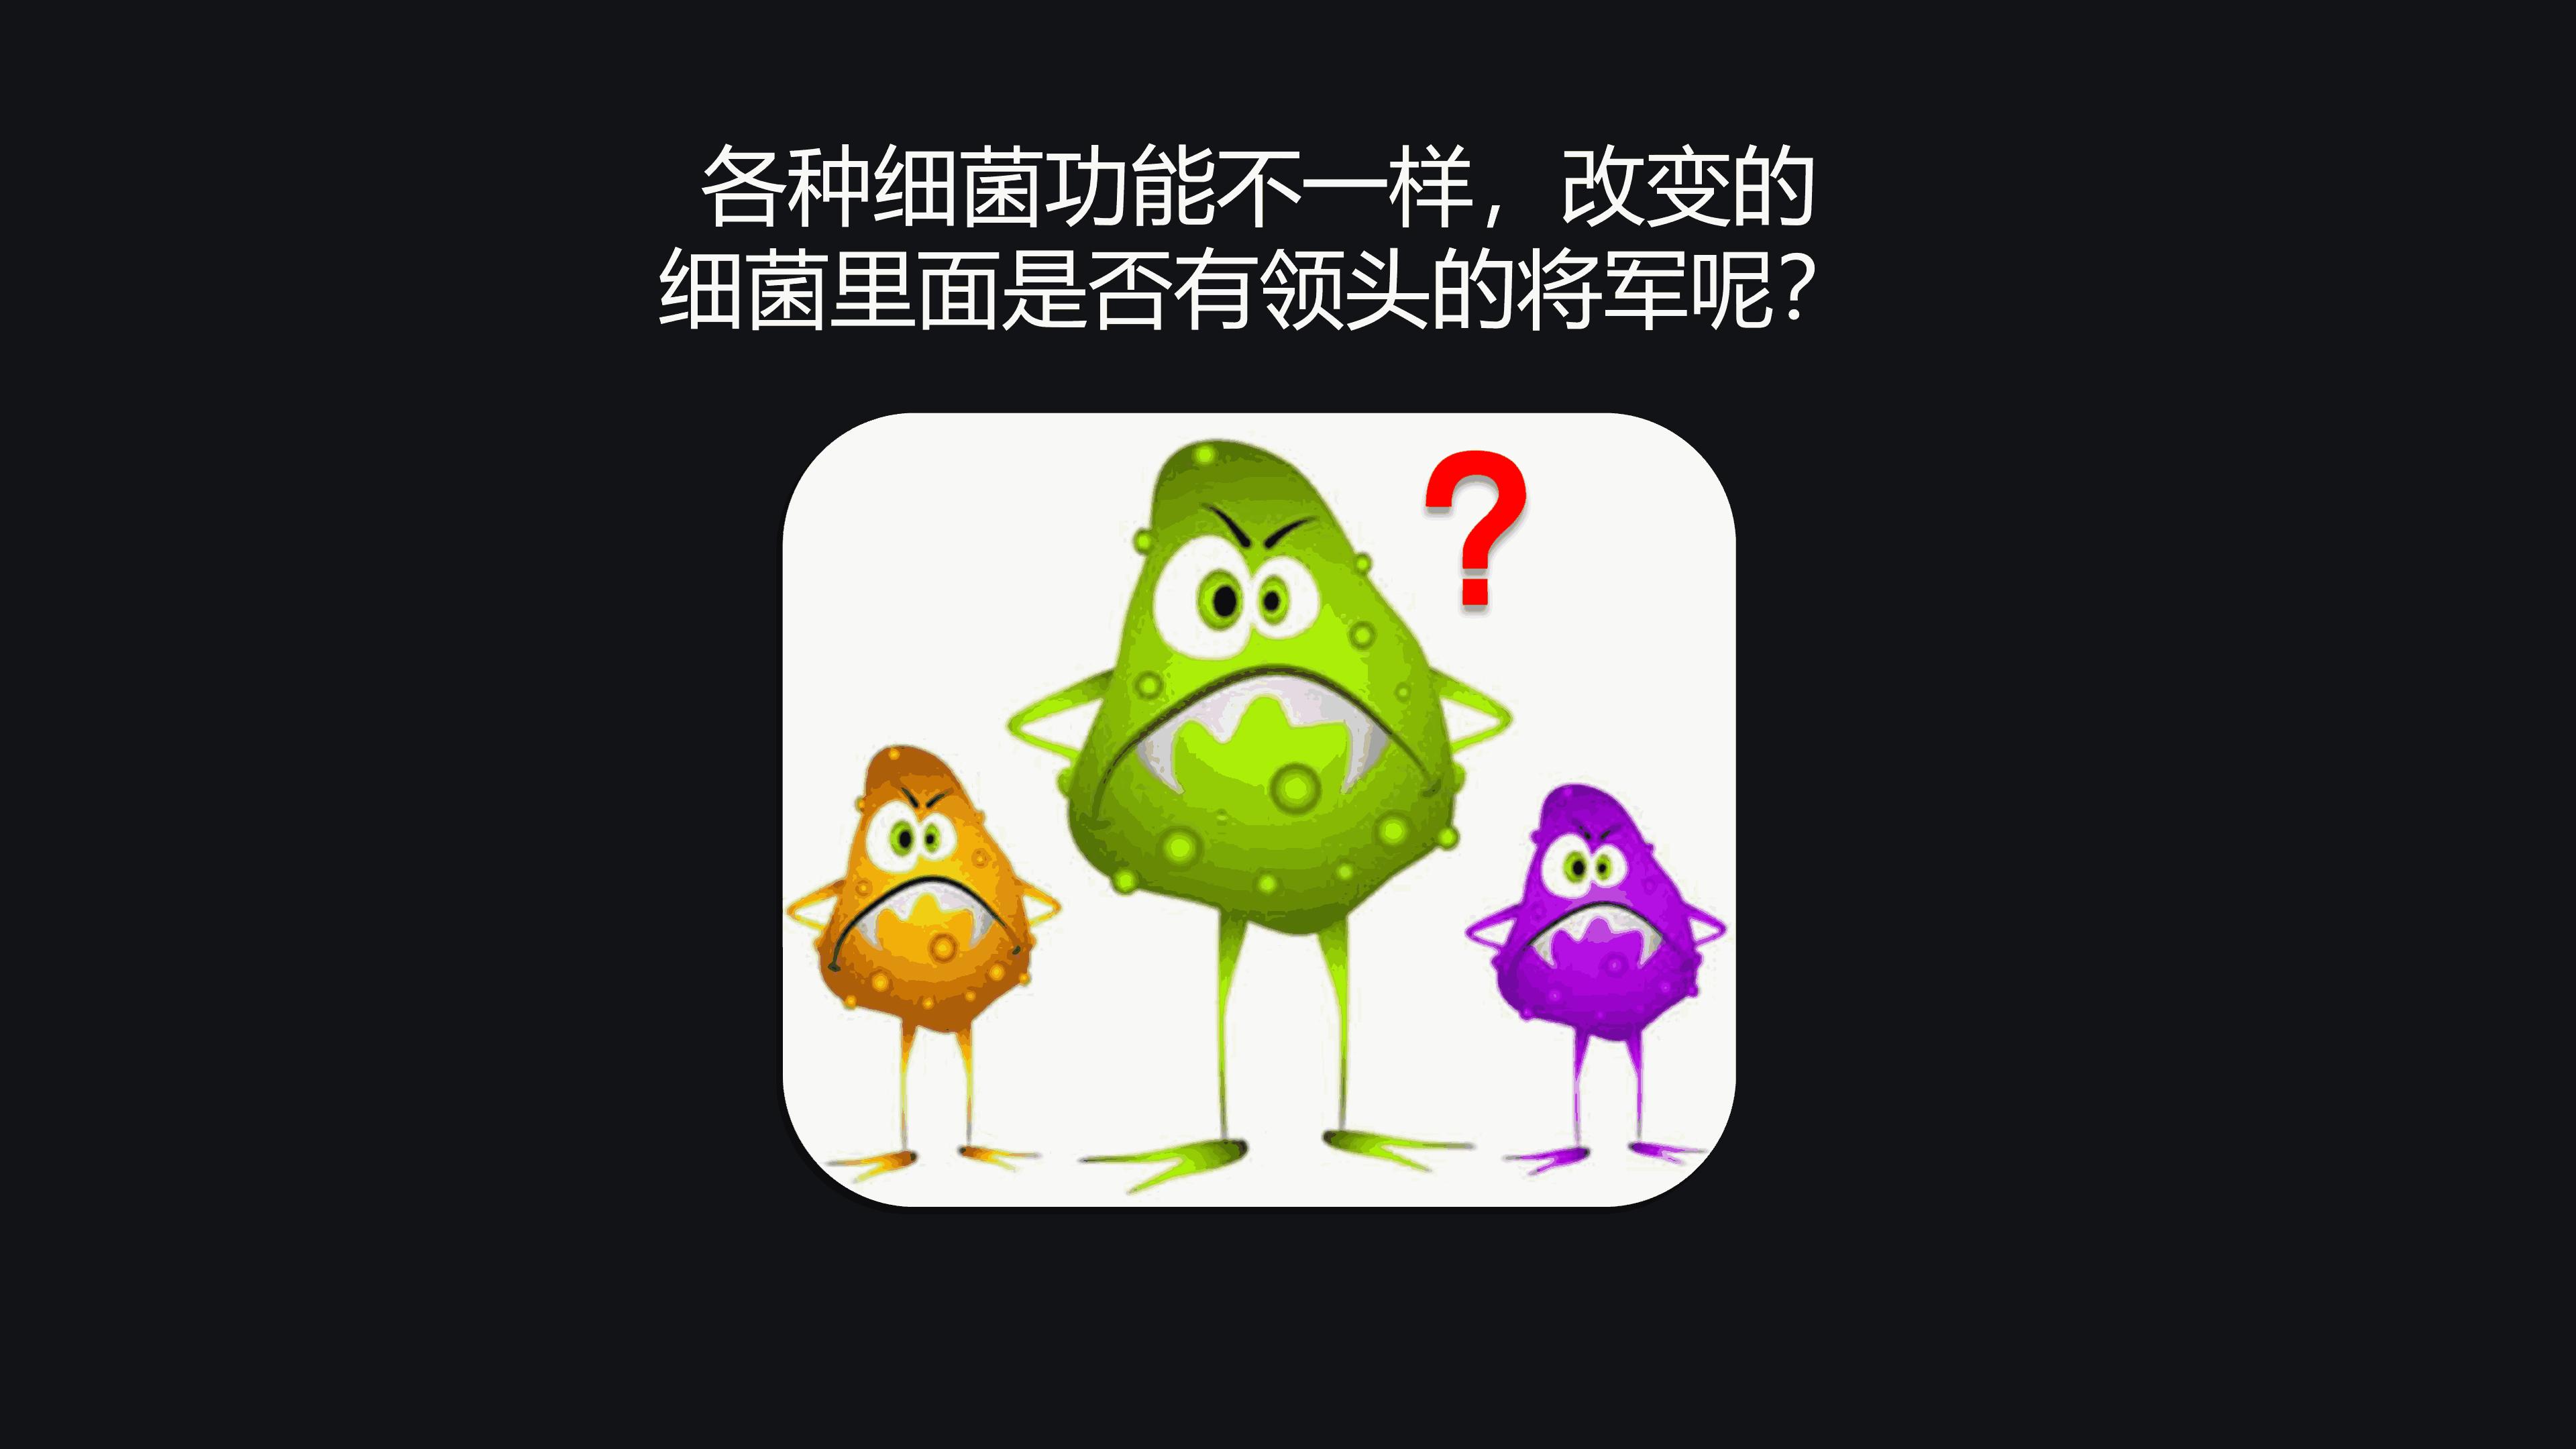 肠道菌群与大肠癌-于君(修改版)-Re3 - 副本_17_ys.png